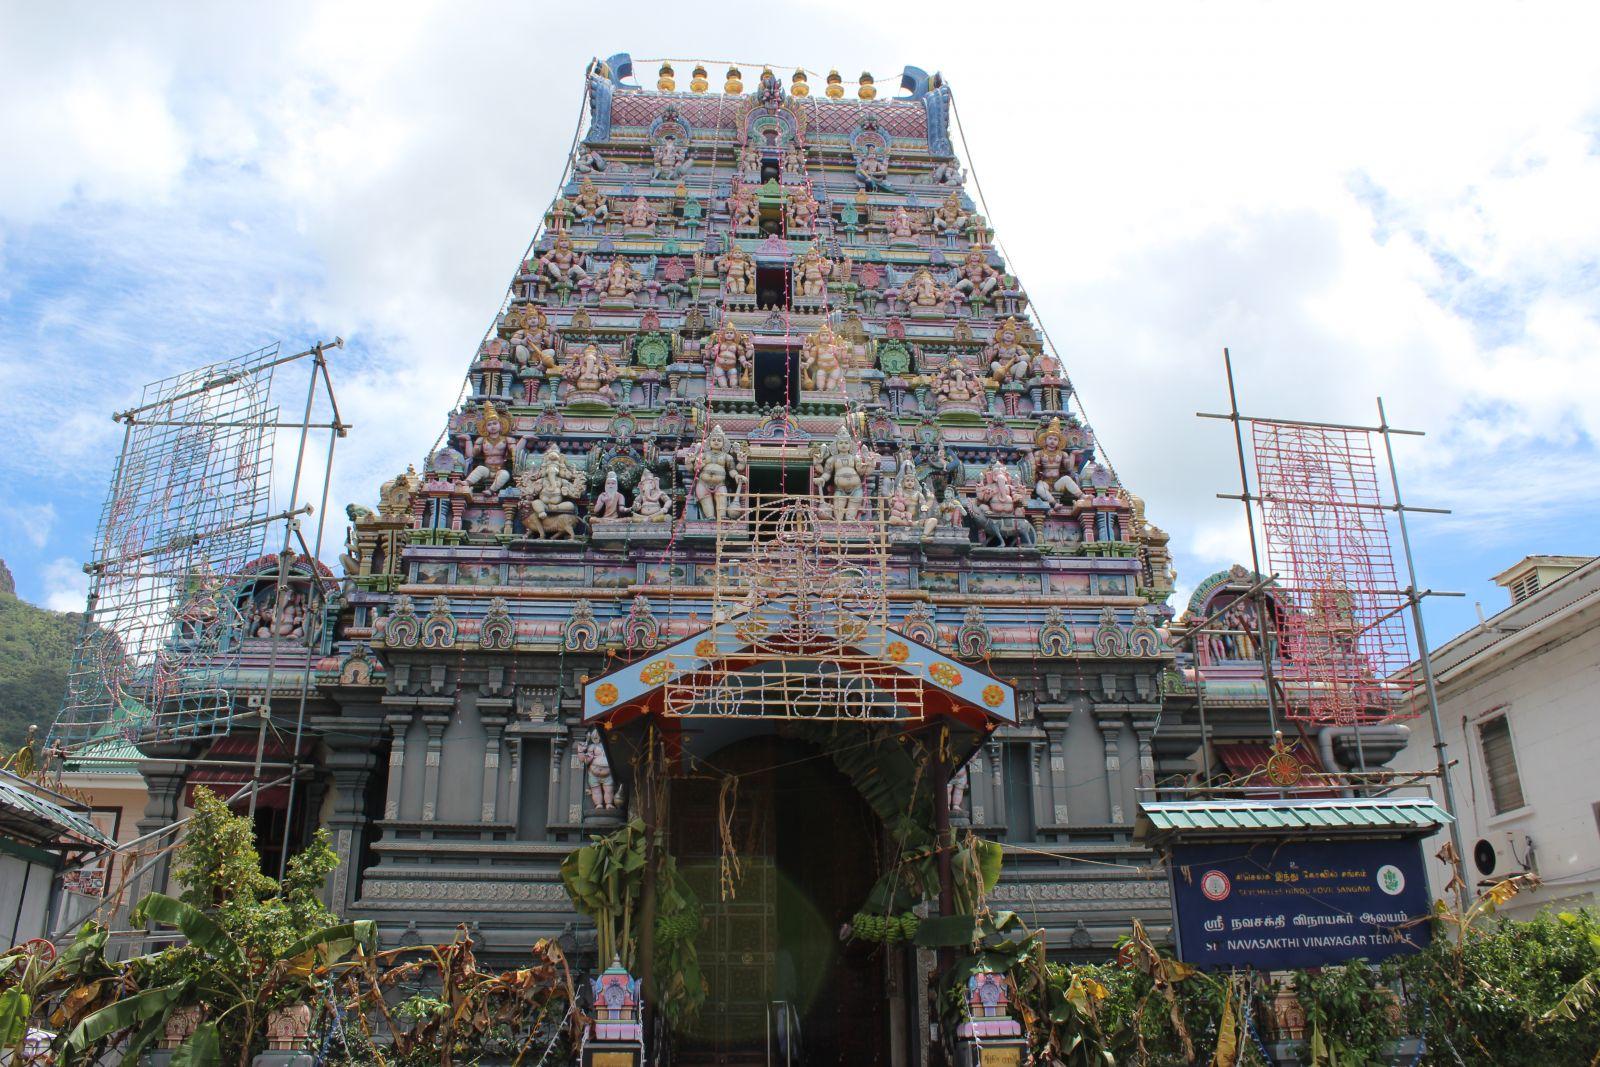 Der Arul Mihu Navasakthi Tempel ist der einzige Hindu Tempel auf den Seychellen. Etwa 3% der Bevölkerung sind Hindus, die Mehrheit ist katholisch. ©1aYachtcharter GmbH